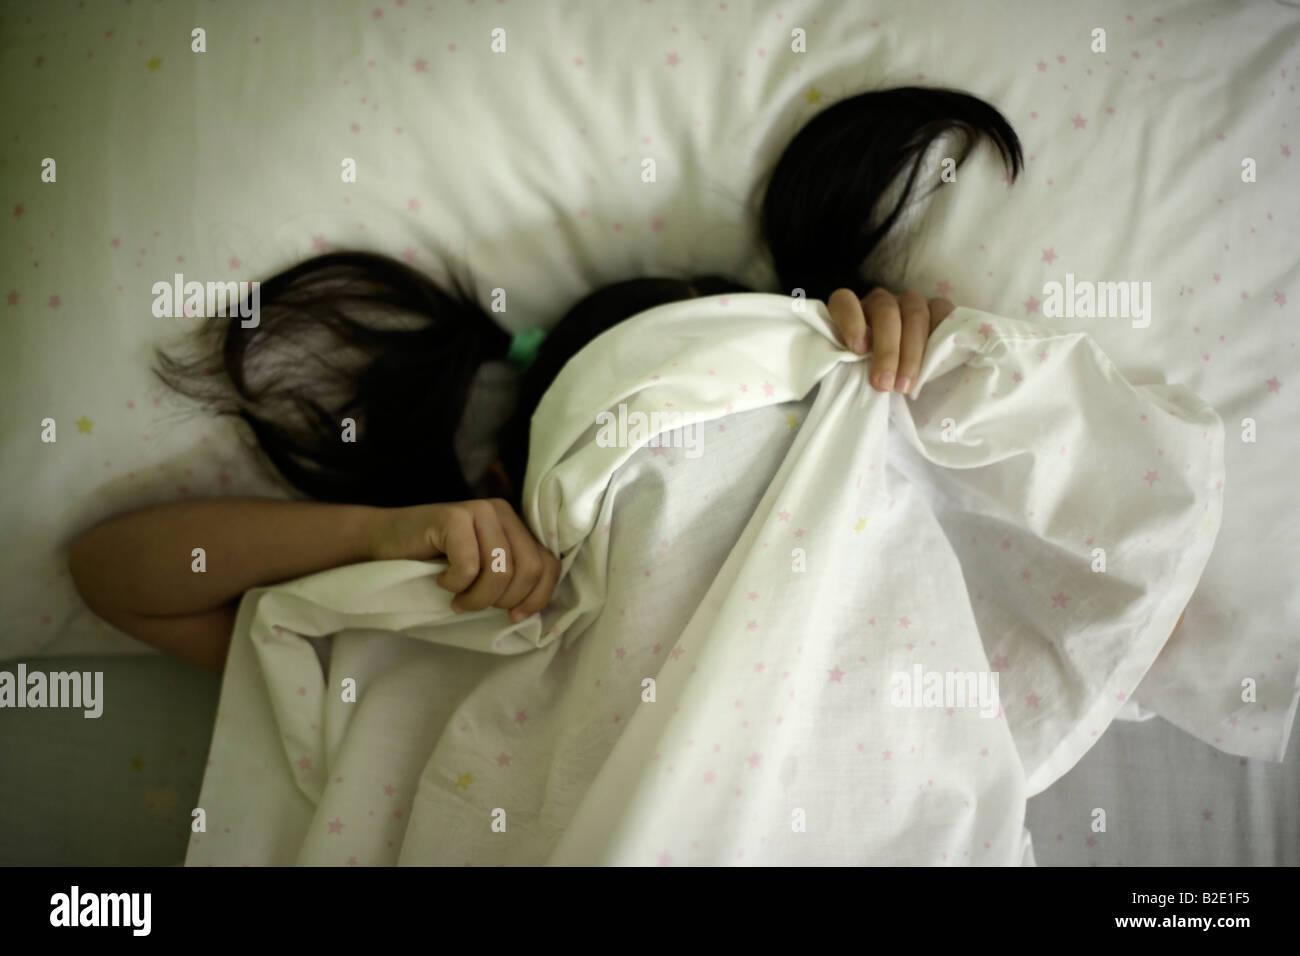 Bambina di cinque anni si nasconde sotto fogli dopo tantrum Immagini Stock